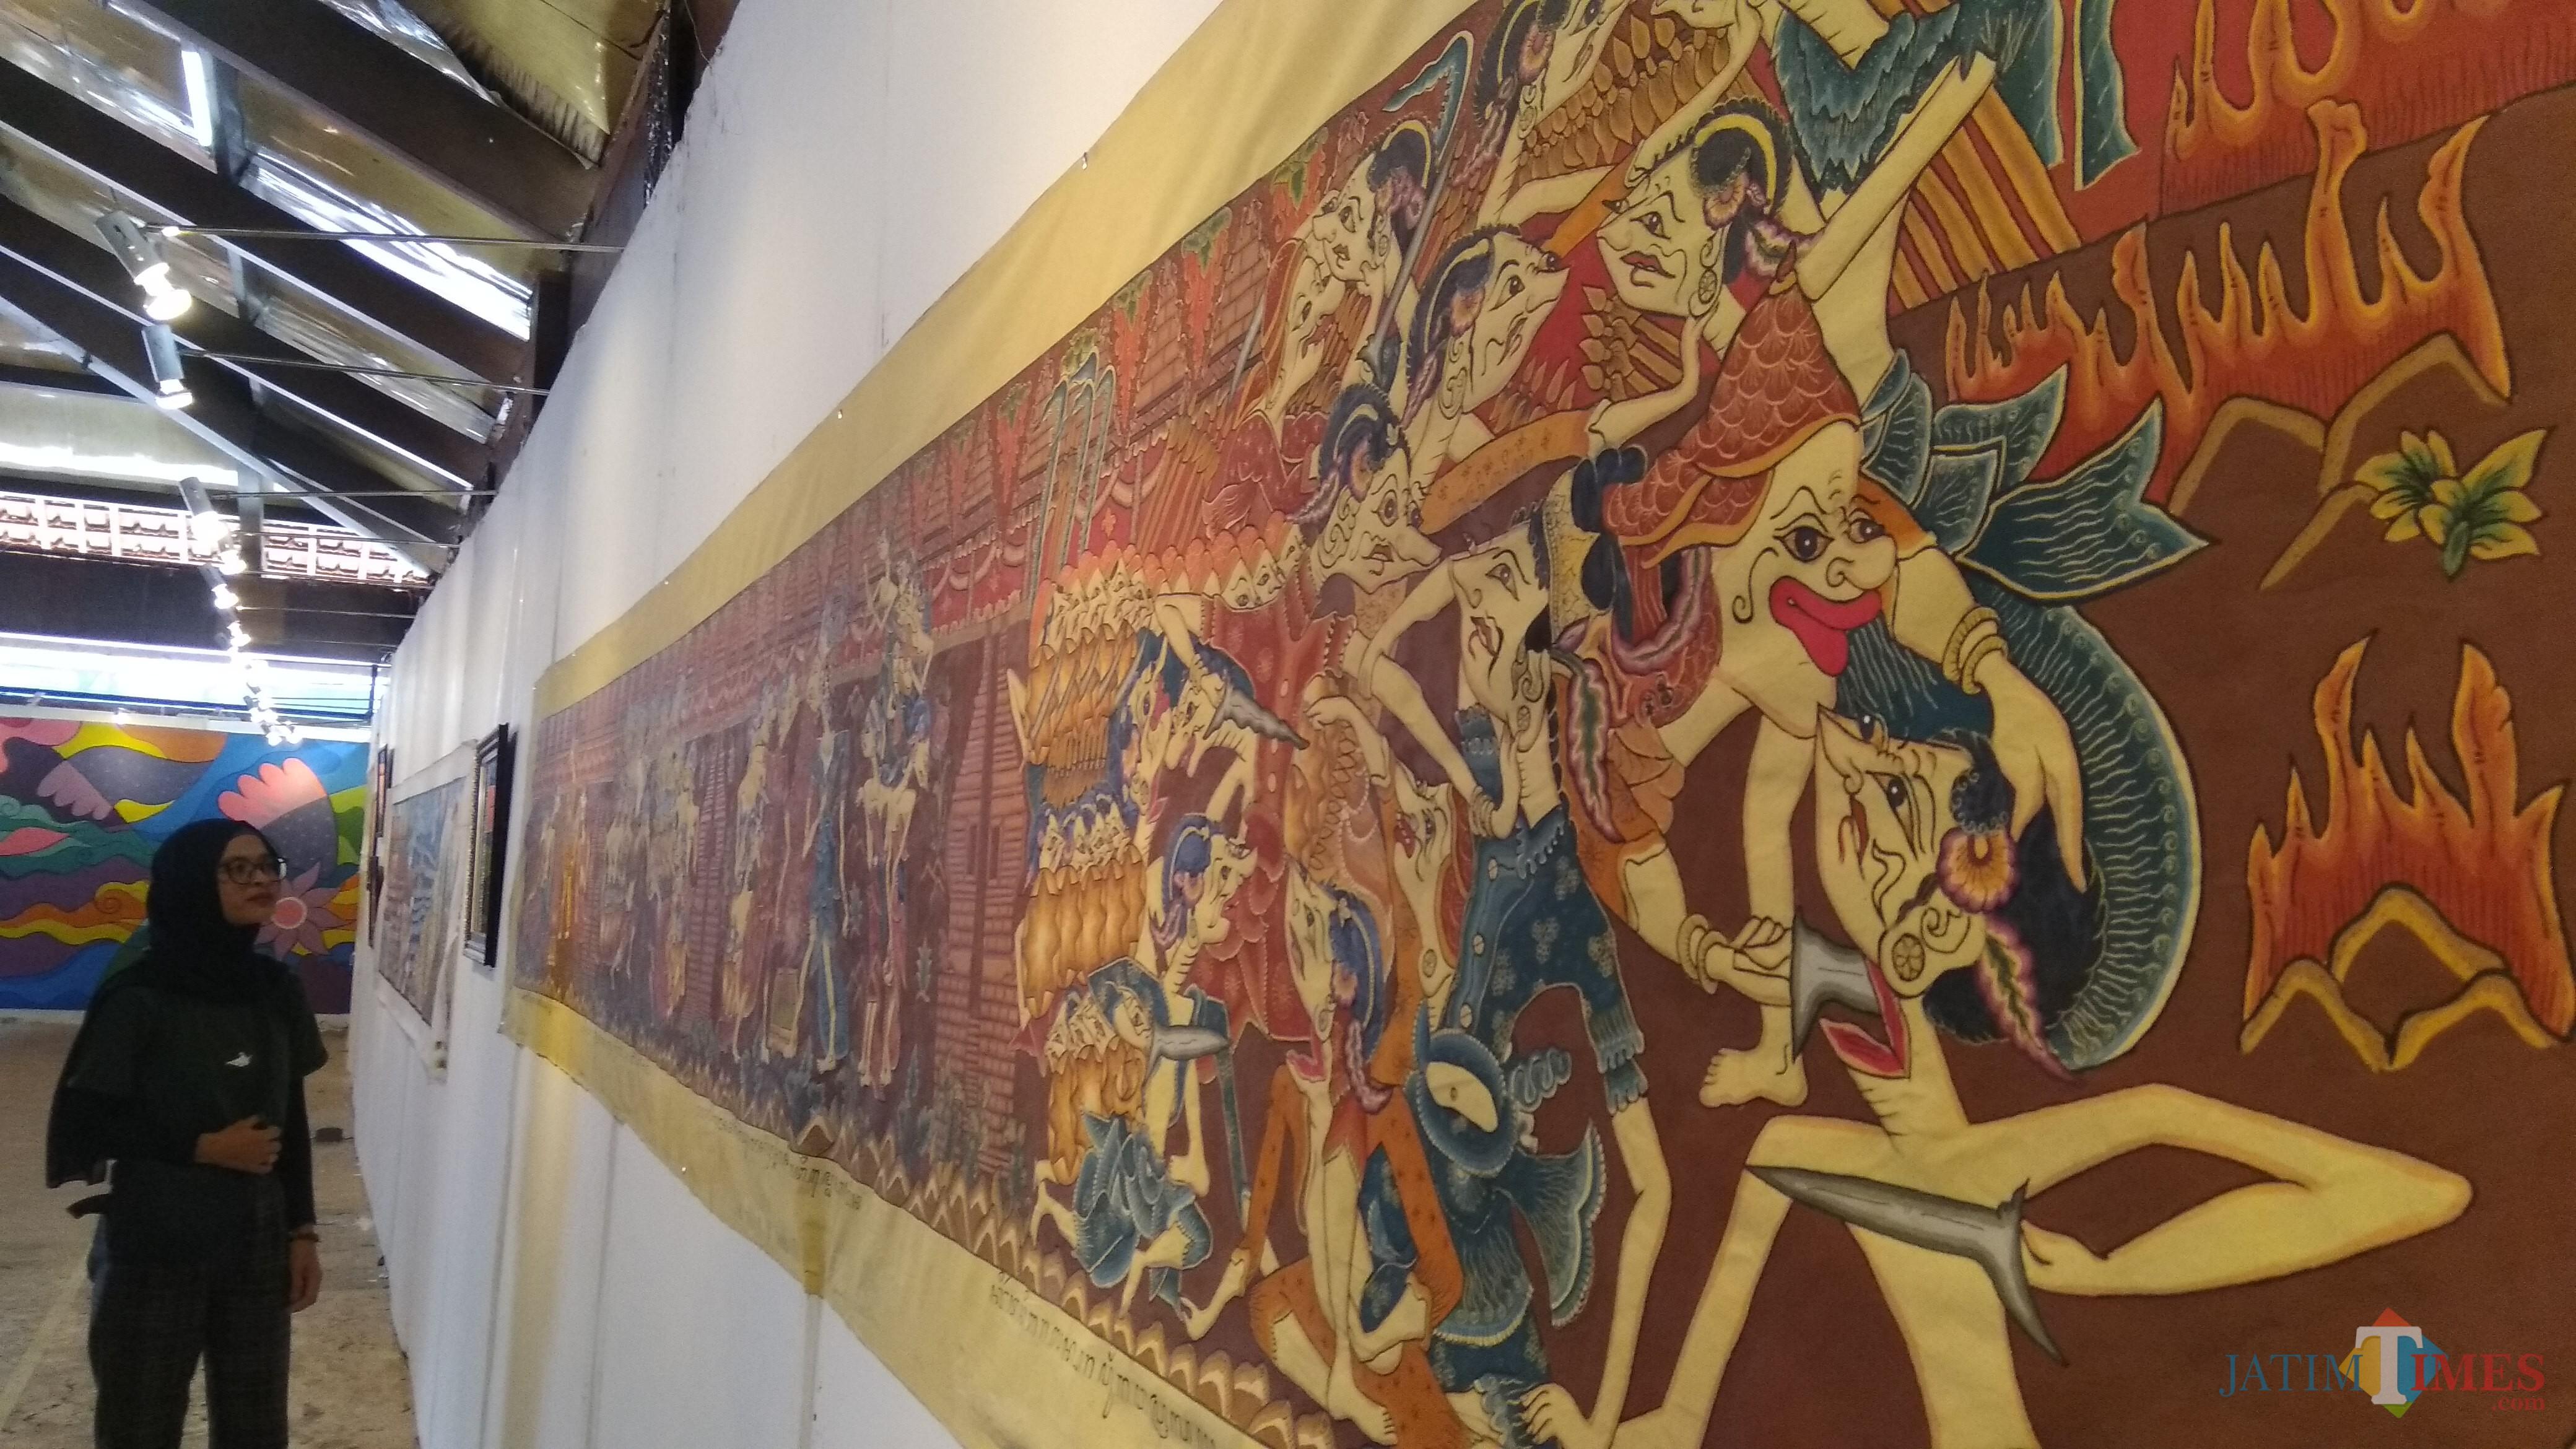 Pengunjung melihat wayang beber klasik yang ditampilkan dalam Pameran Visual Budaya Panji di Kota Malang. (Foto: Nurlayla Ratri/MalangTIMES)